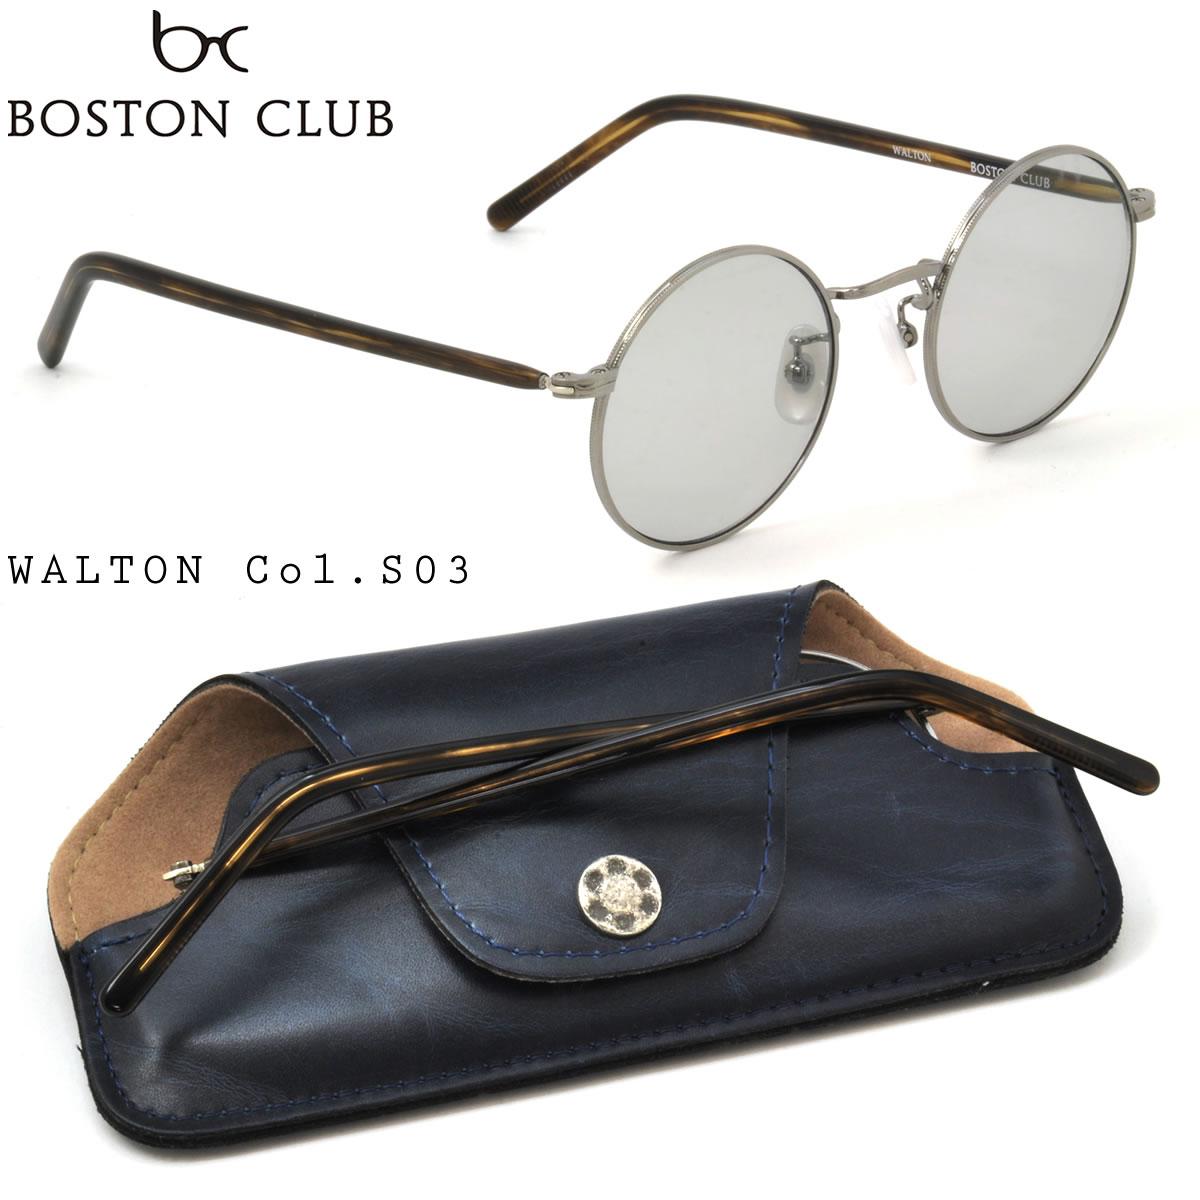 BOSTON CLUB WALTON walton-s03太阳眼镜